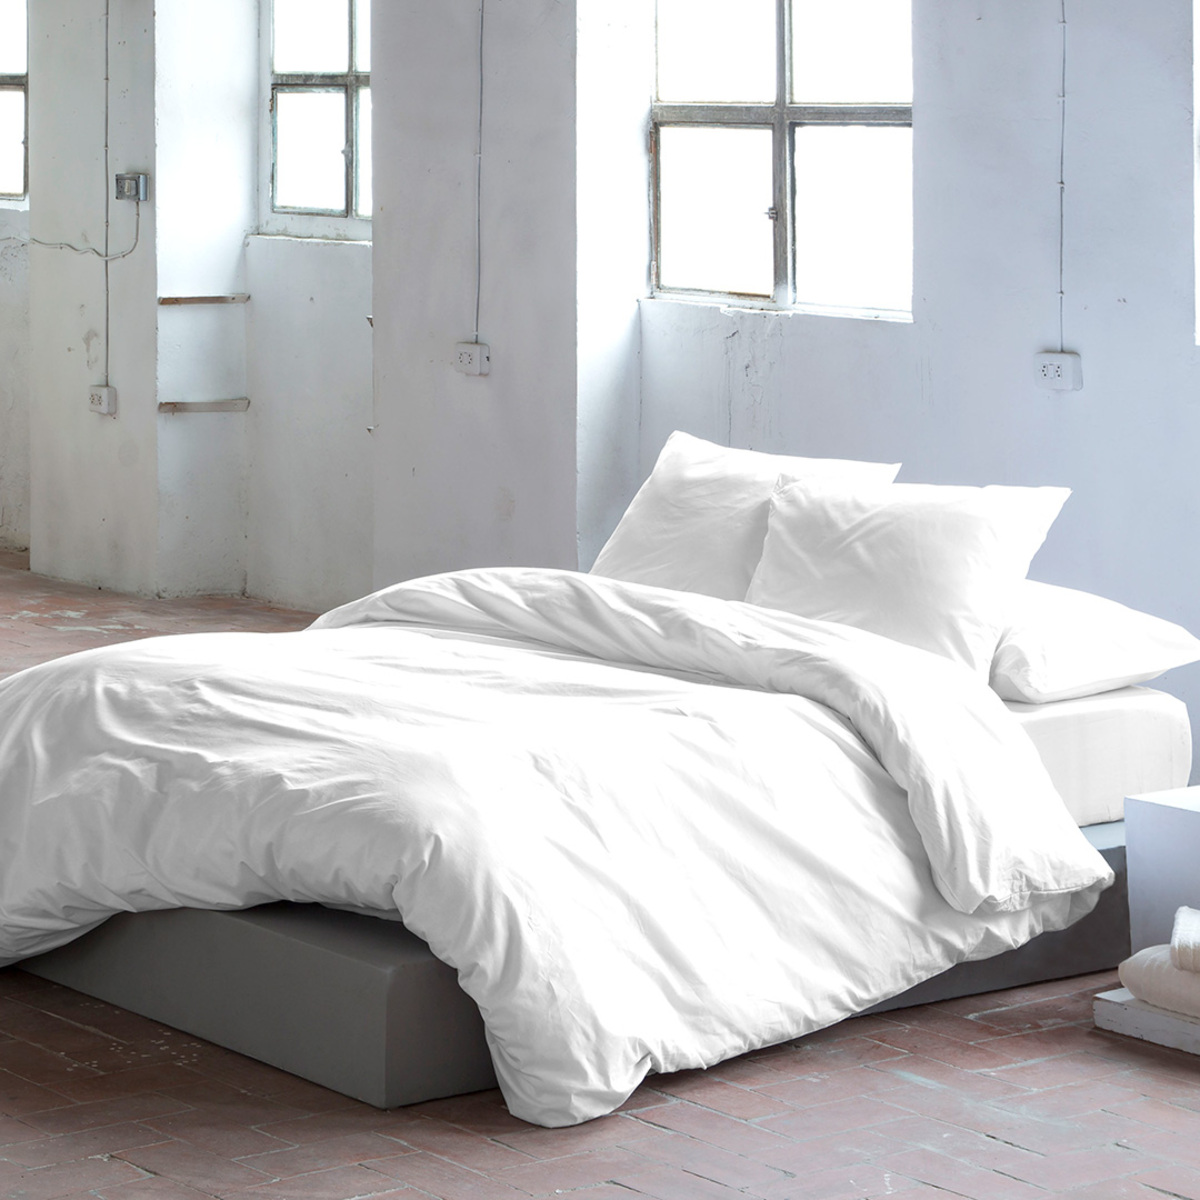 Housse de couette en coton blanc 200x200 cm